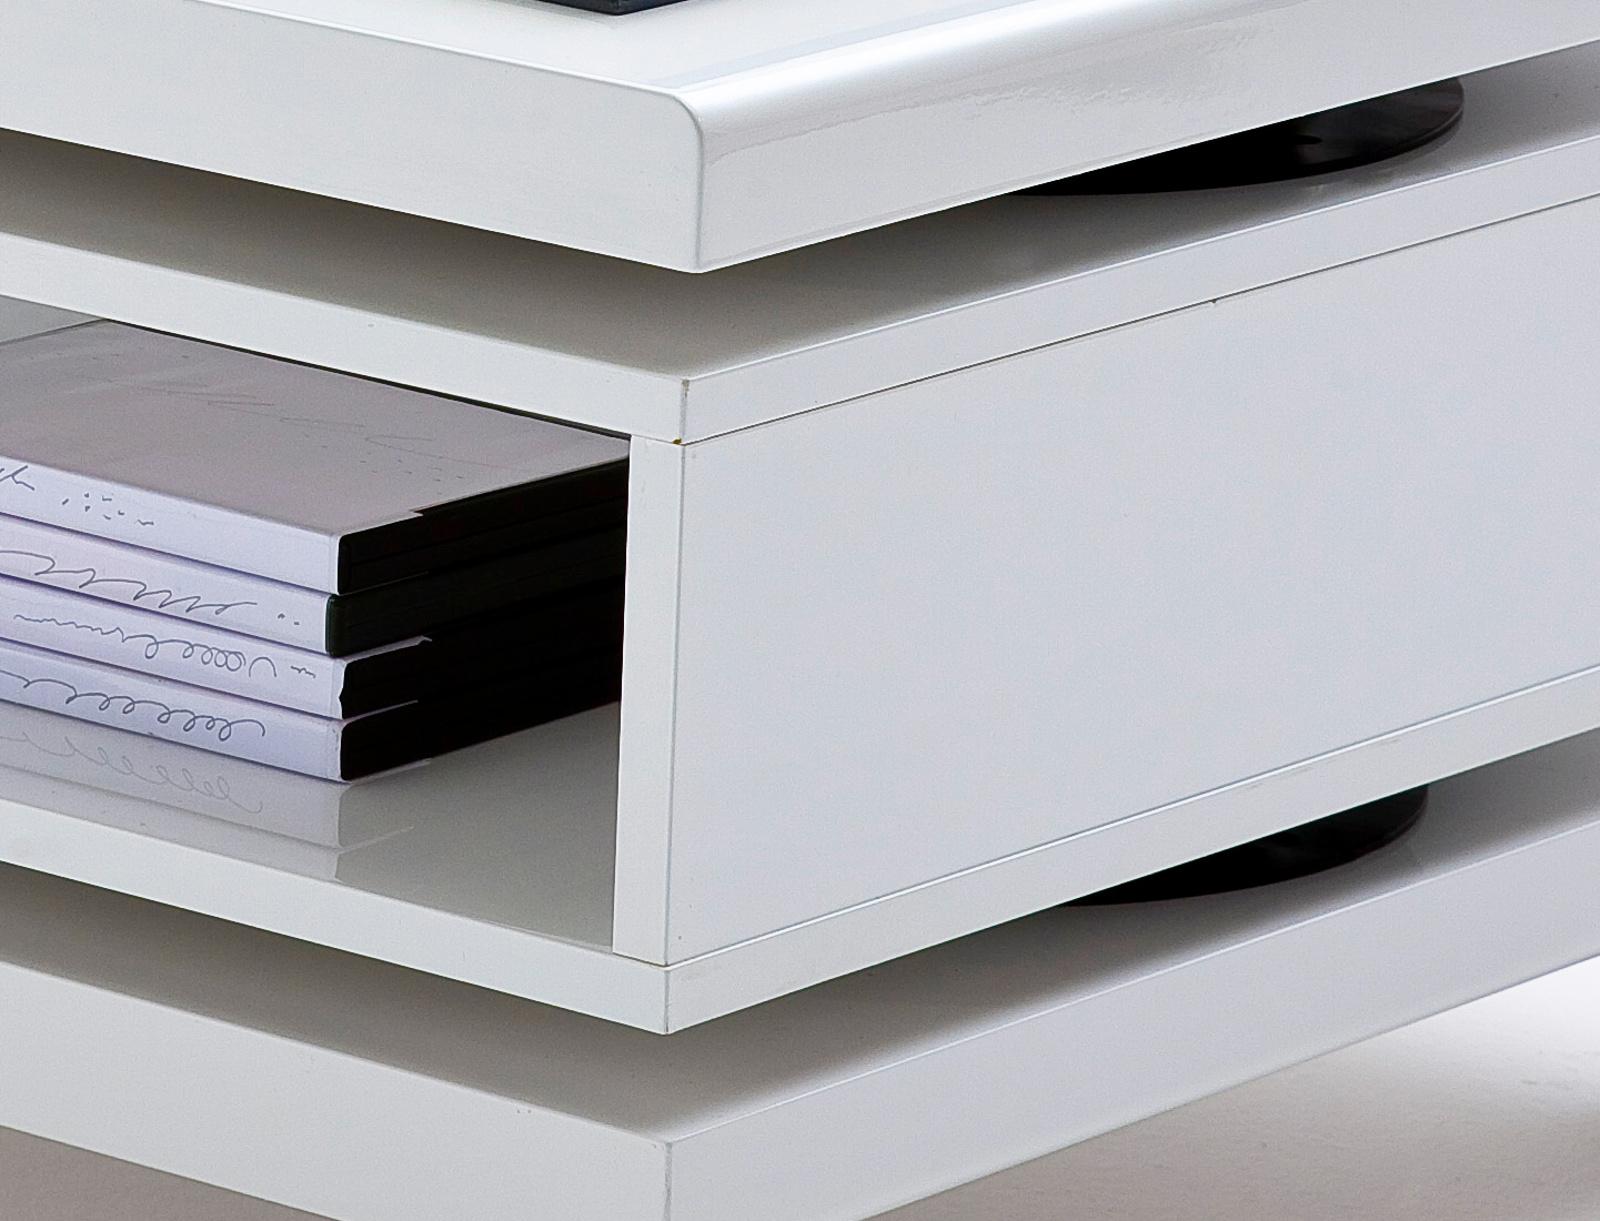 tisch esstisch s ulentisch wei hochglanz lack genova. Black Bedroom Furniture Sets. Home Design Ideas